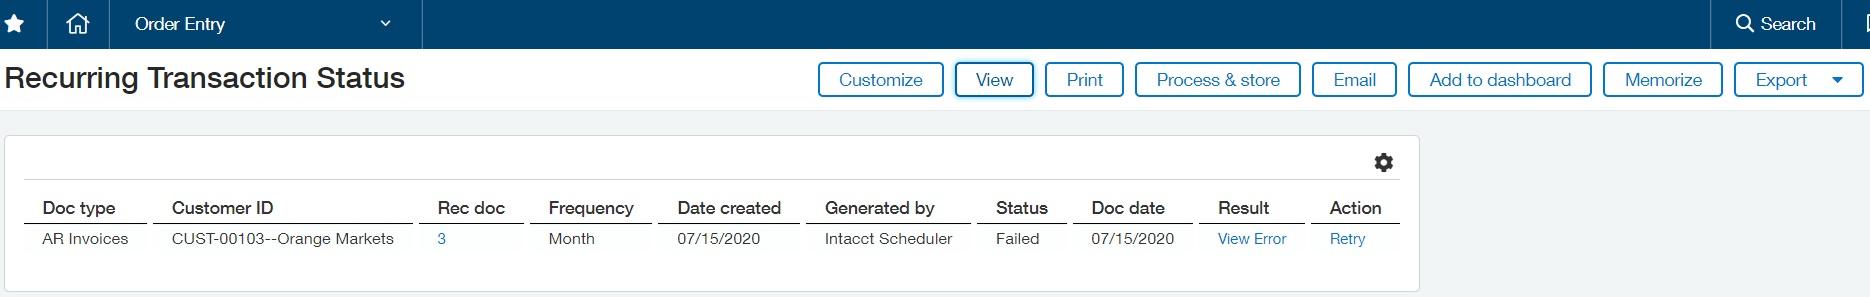 Recurring Transaction Status